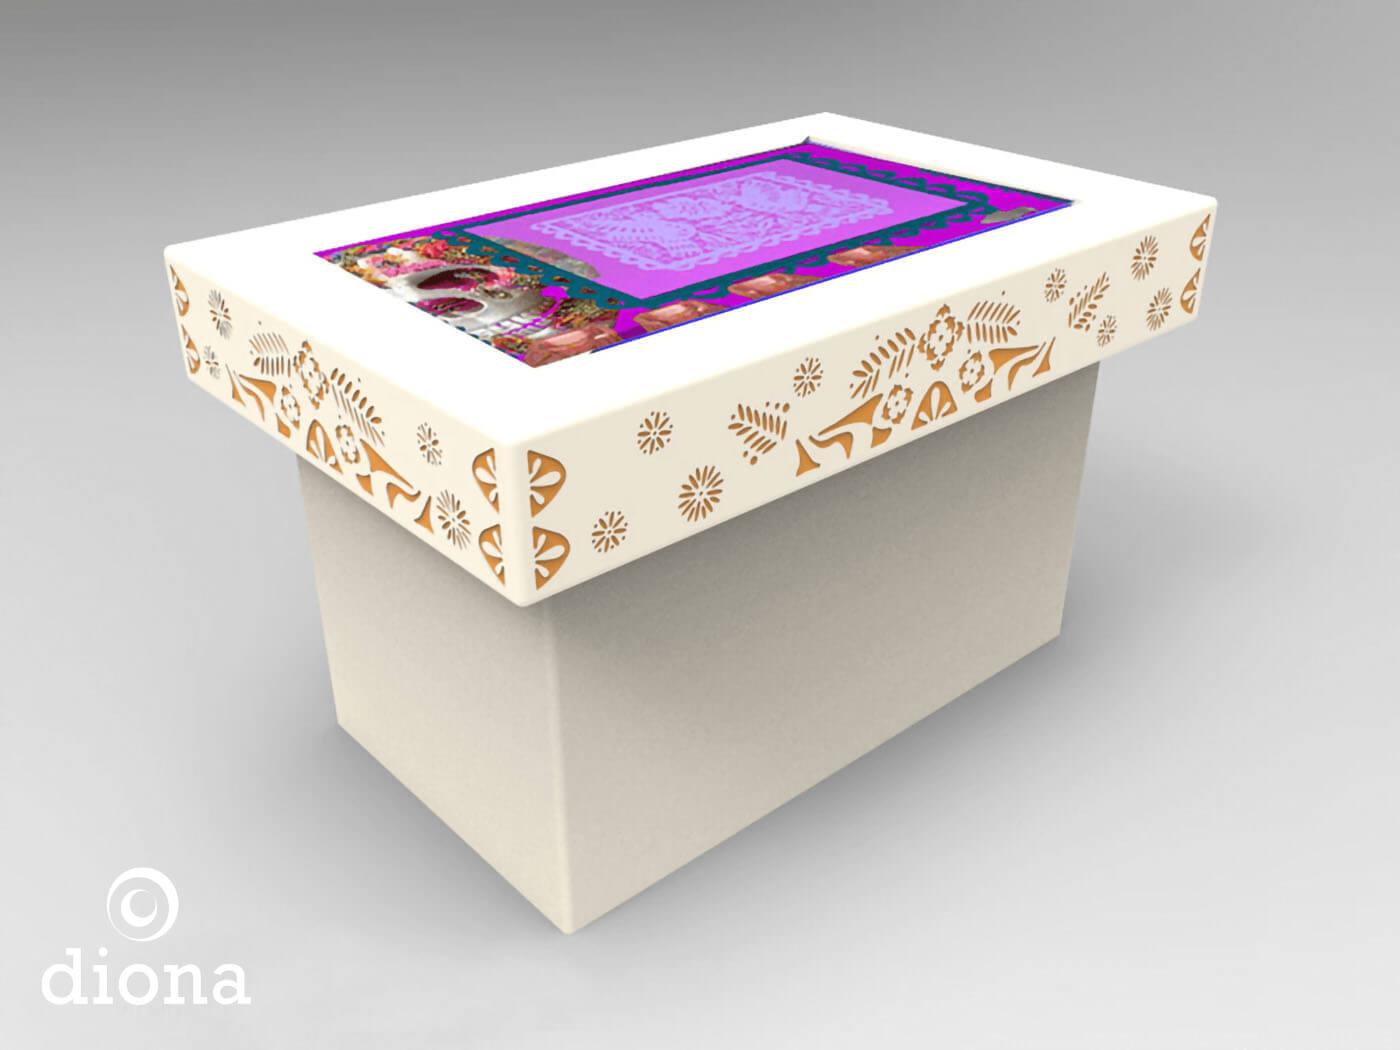 diseño industrial, mobiliario - Museo del Alfeñique, Toluca, diseño, fabricación, mobiliario, diona